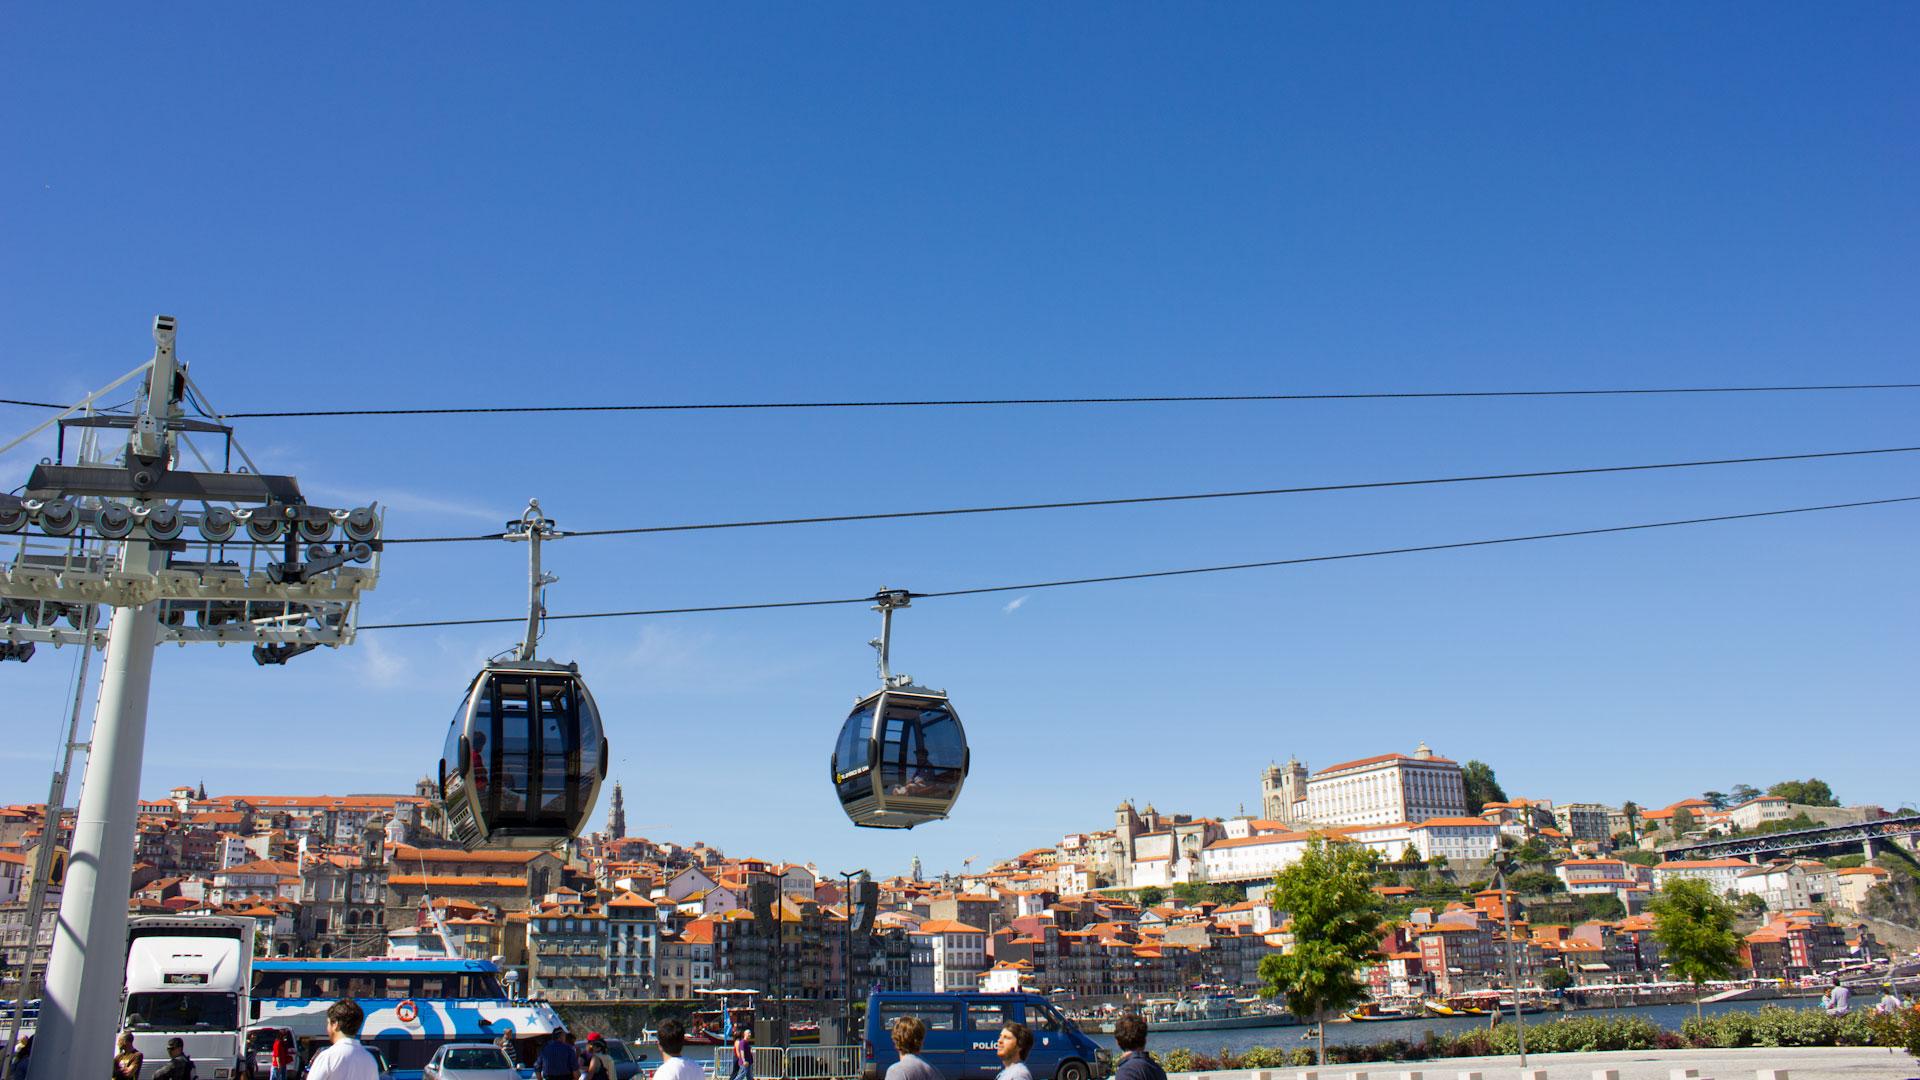 Cable cars in Vila Nova de Gaia